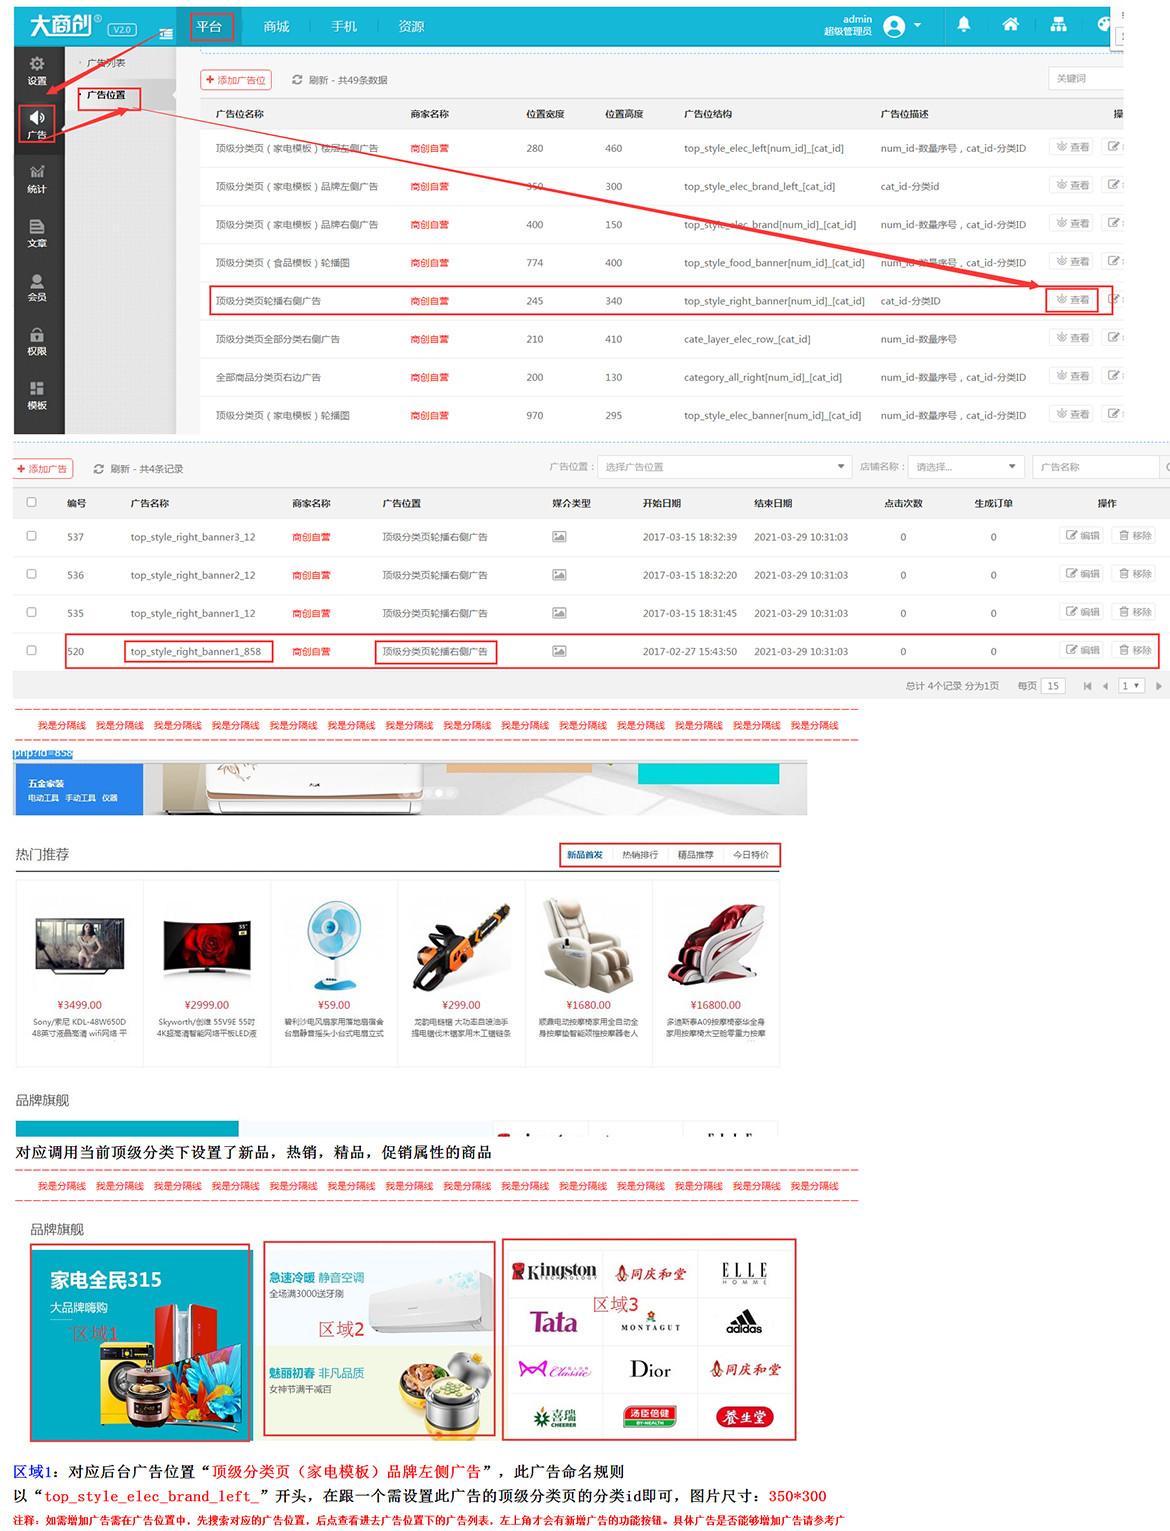 顶级分类页之家电模板3.jpg